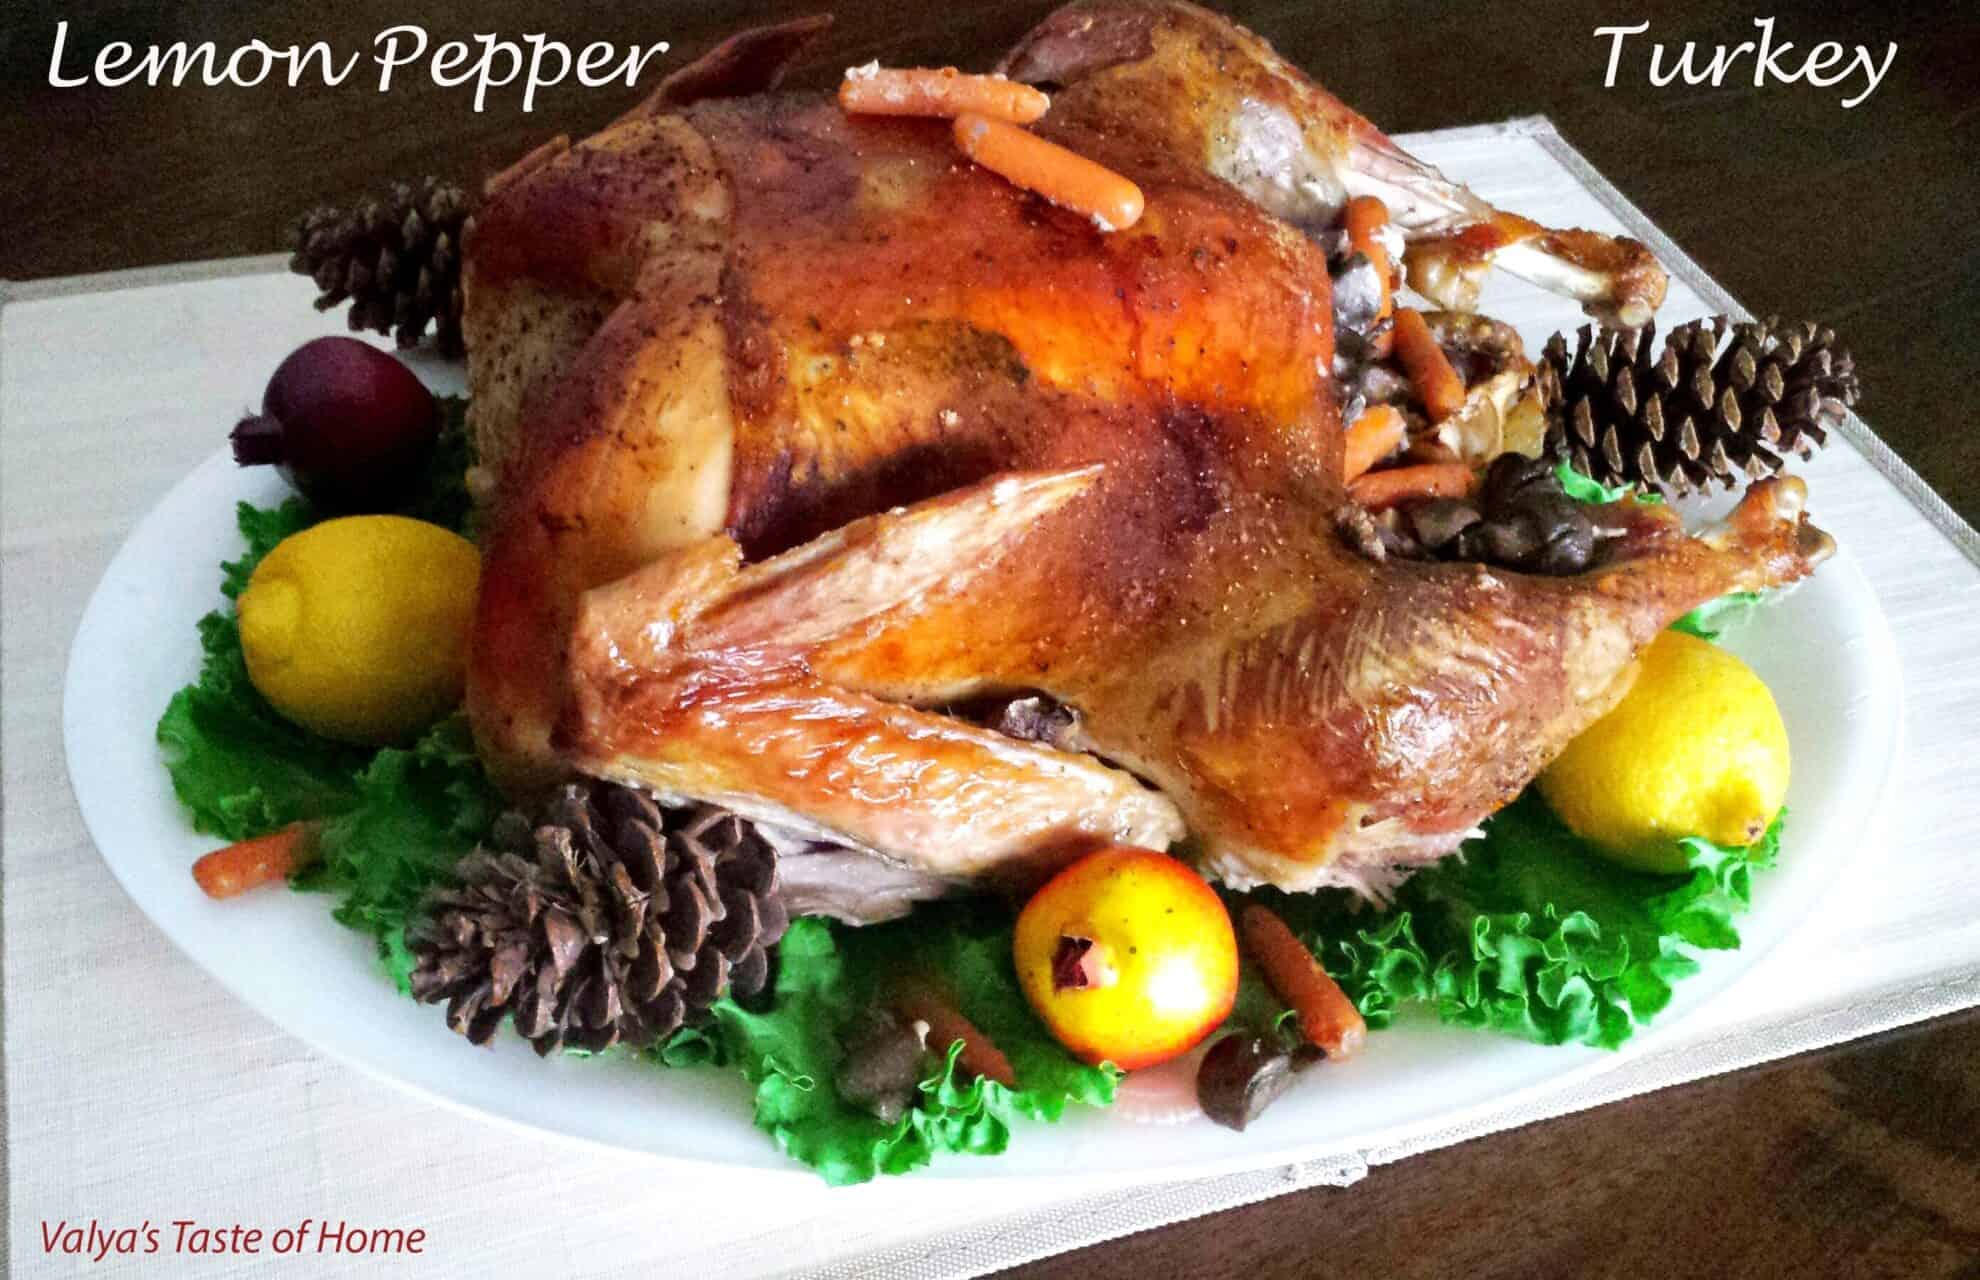 lemon pepper thanksgiving turkey recipe valya s taste of home